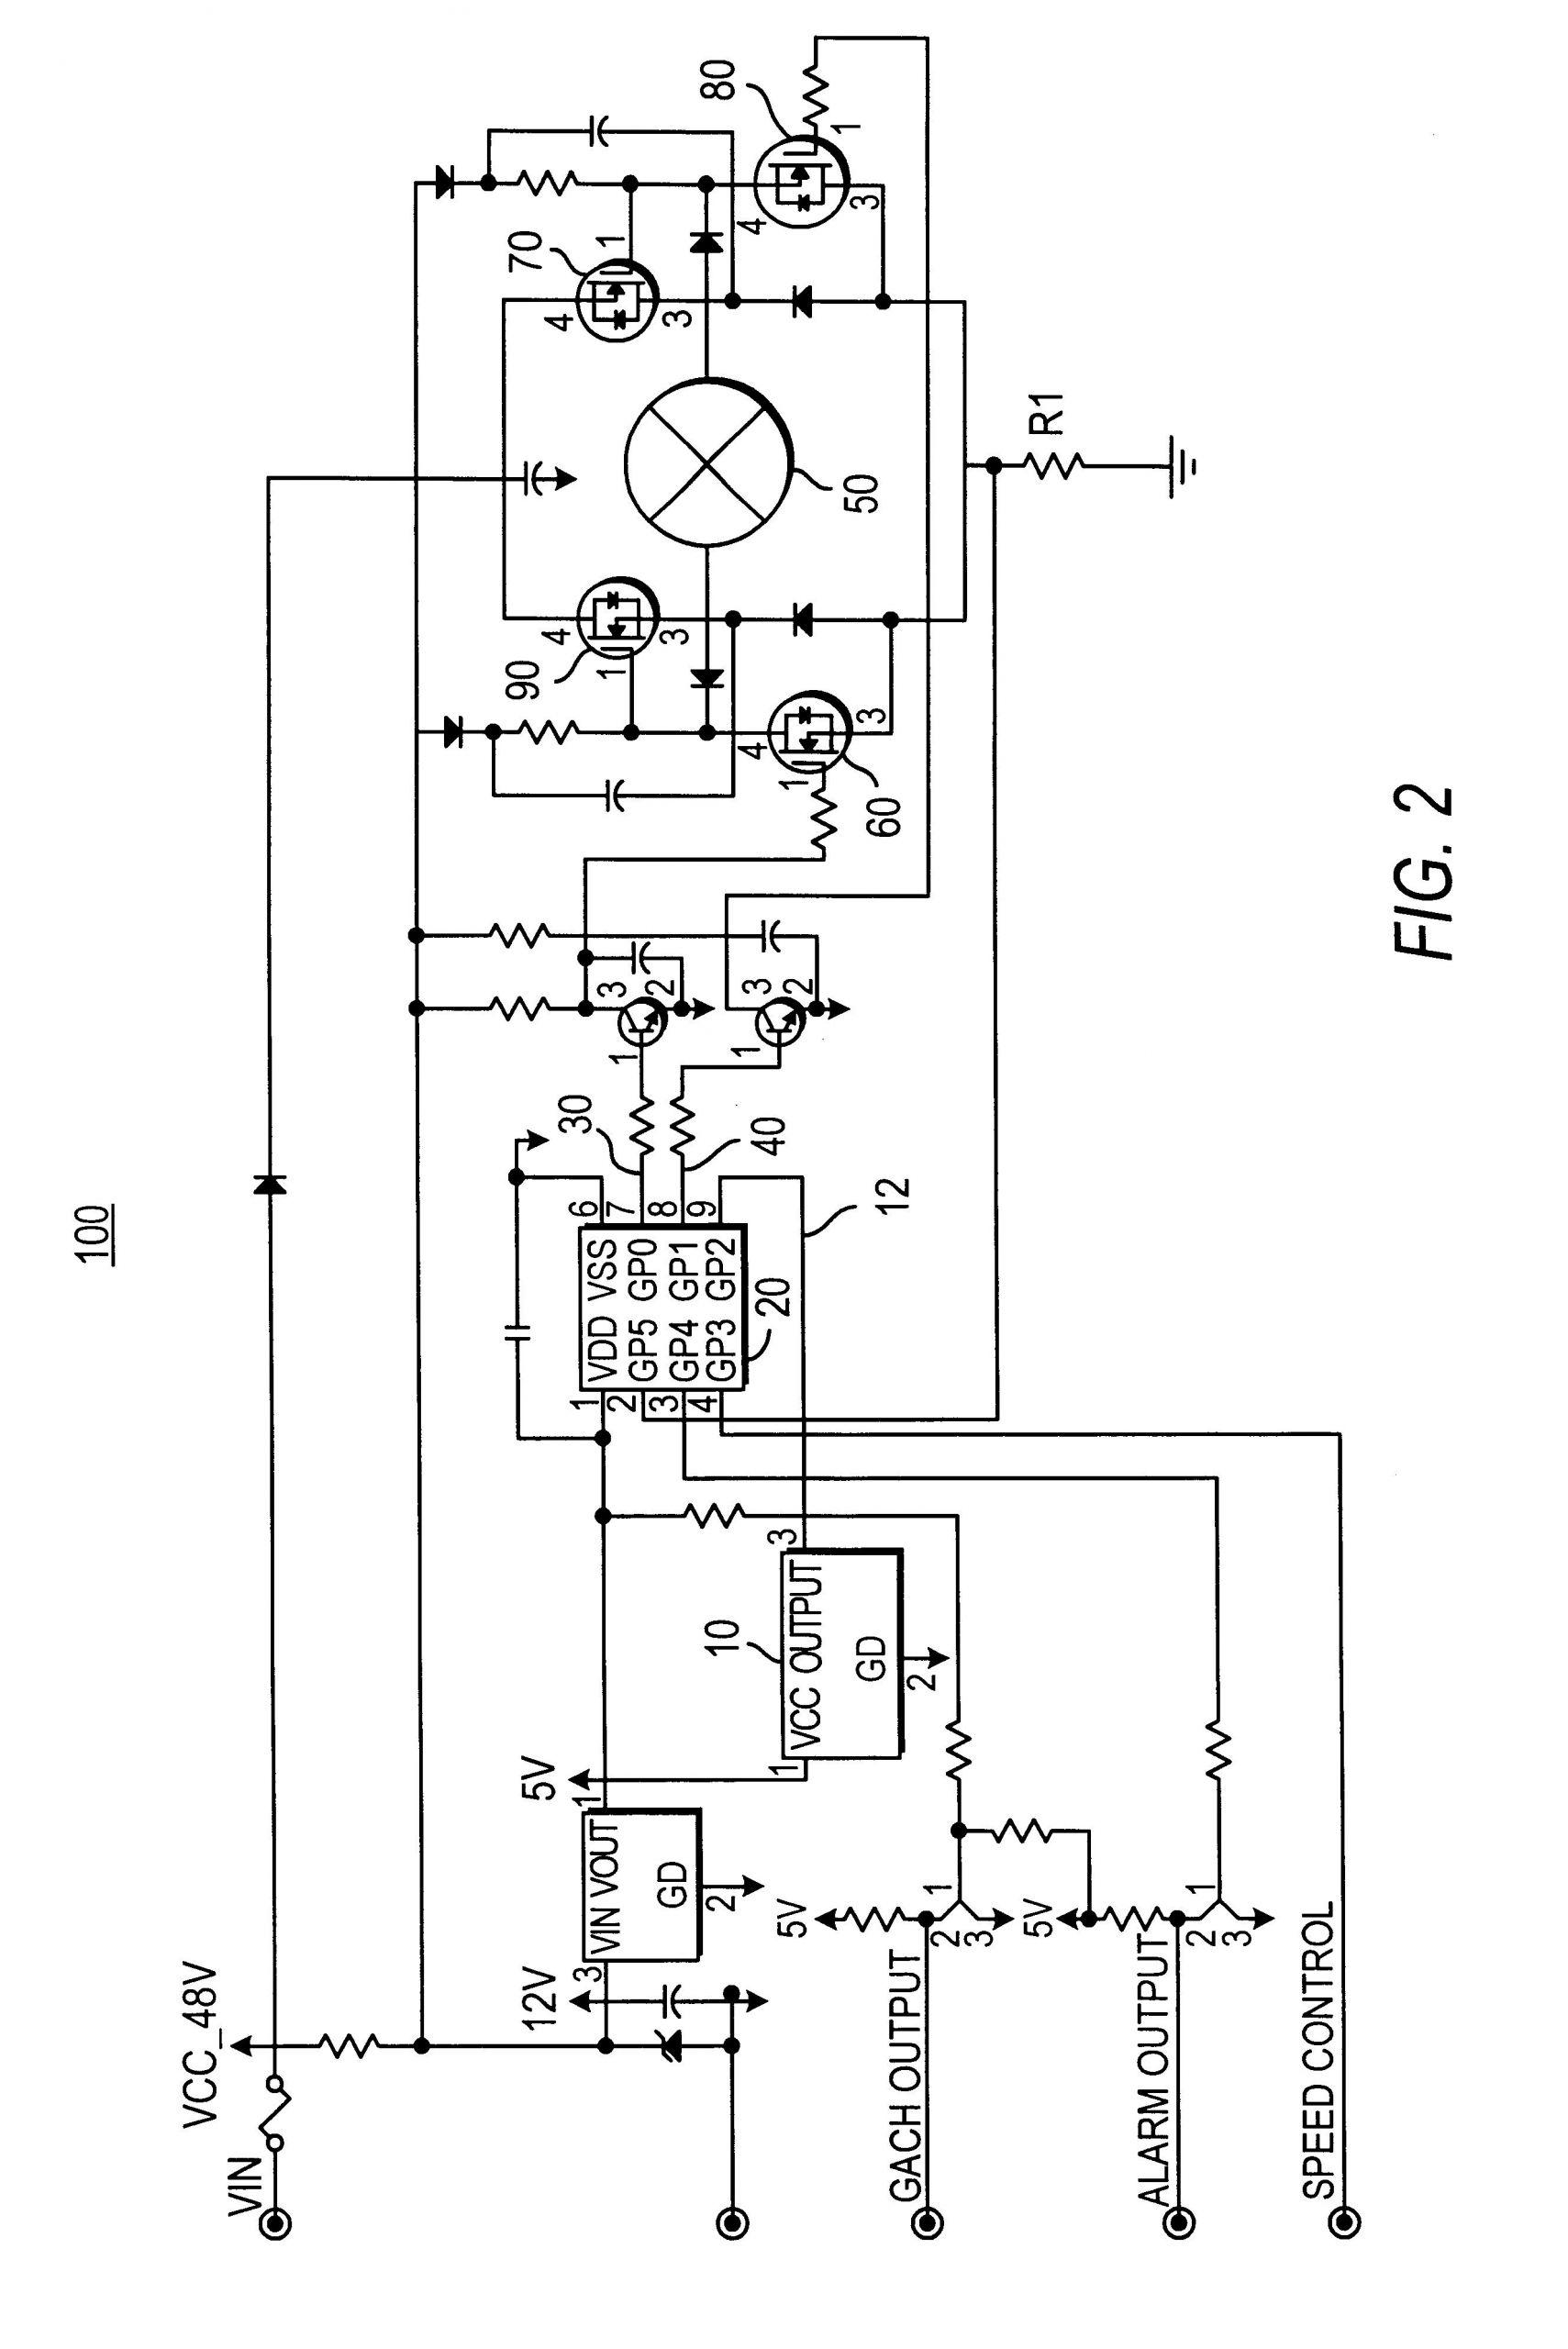 Cutler Hammer A831443-7 Unit Wiring Diagram 33 Hand F Auto Wiring Diagram Wiring Diagram Database Of Cutler Hammer A831443-7 Unit Wiring Diagram